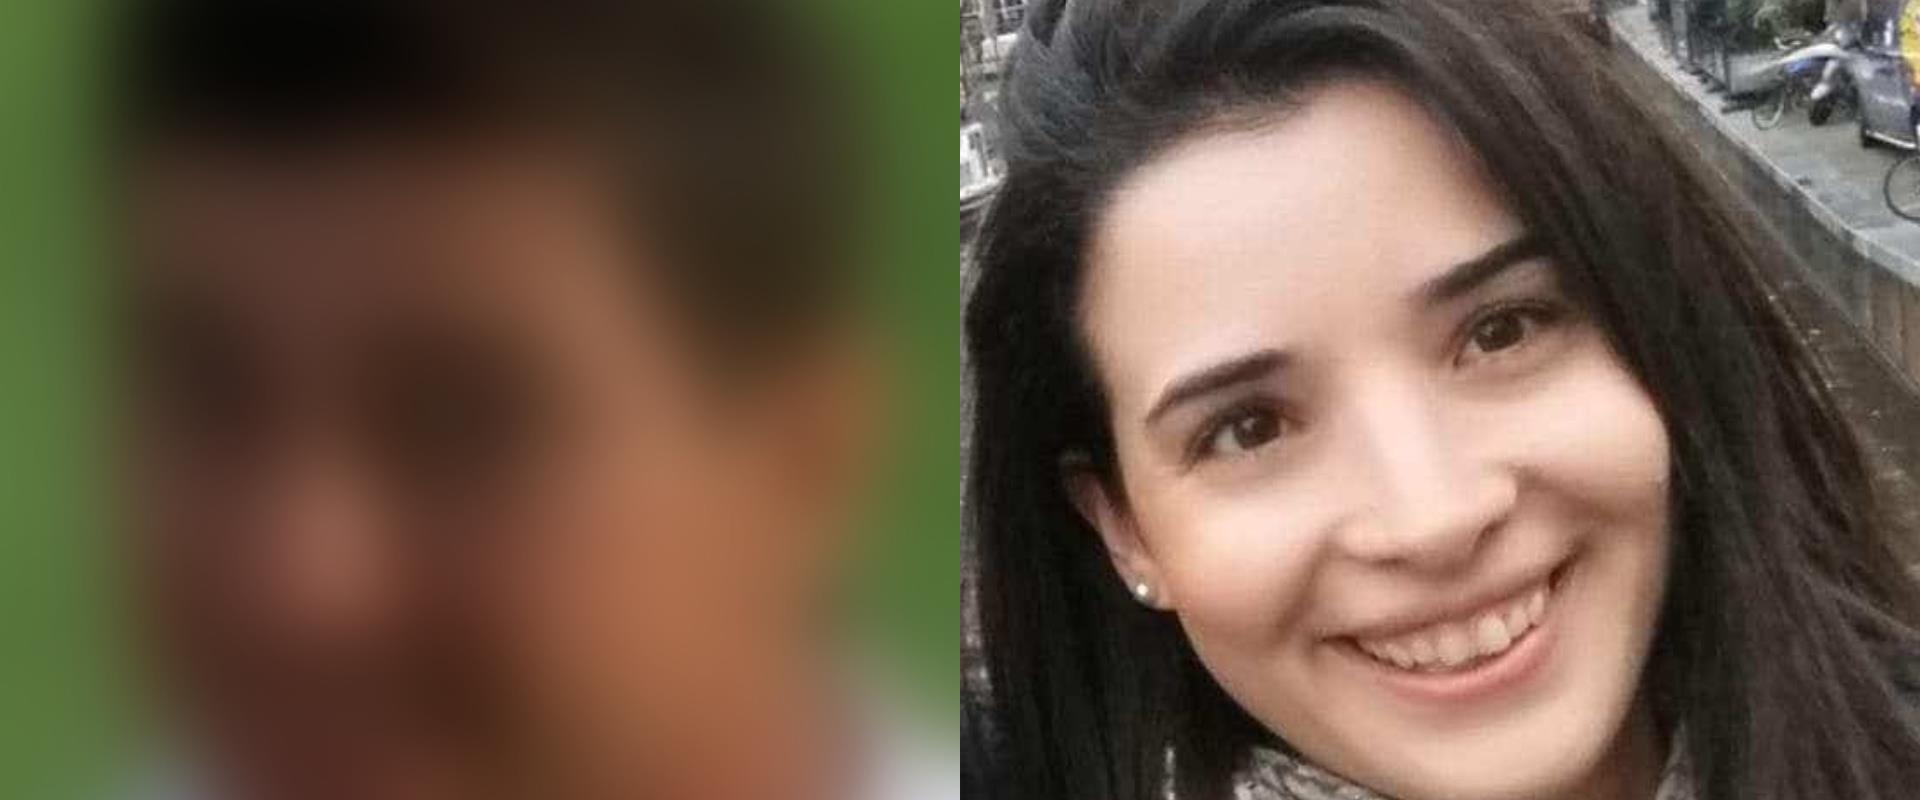 שירה ובעלה החשוד בניסיון לרצח, אתמול